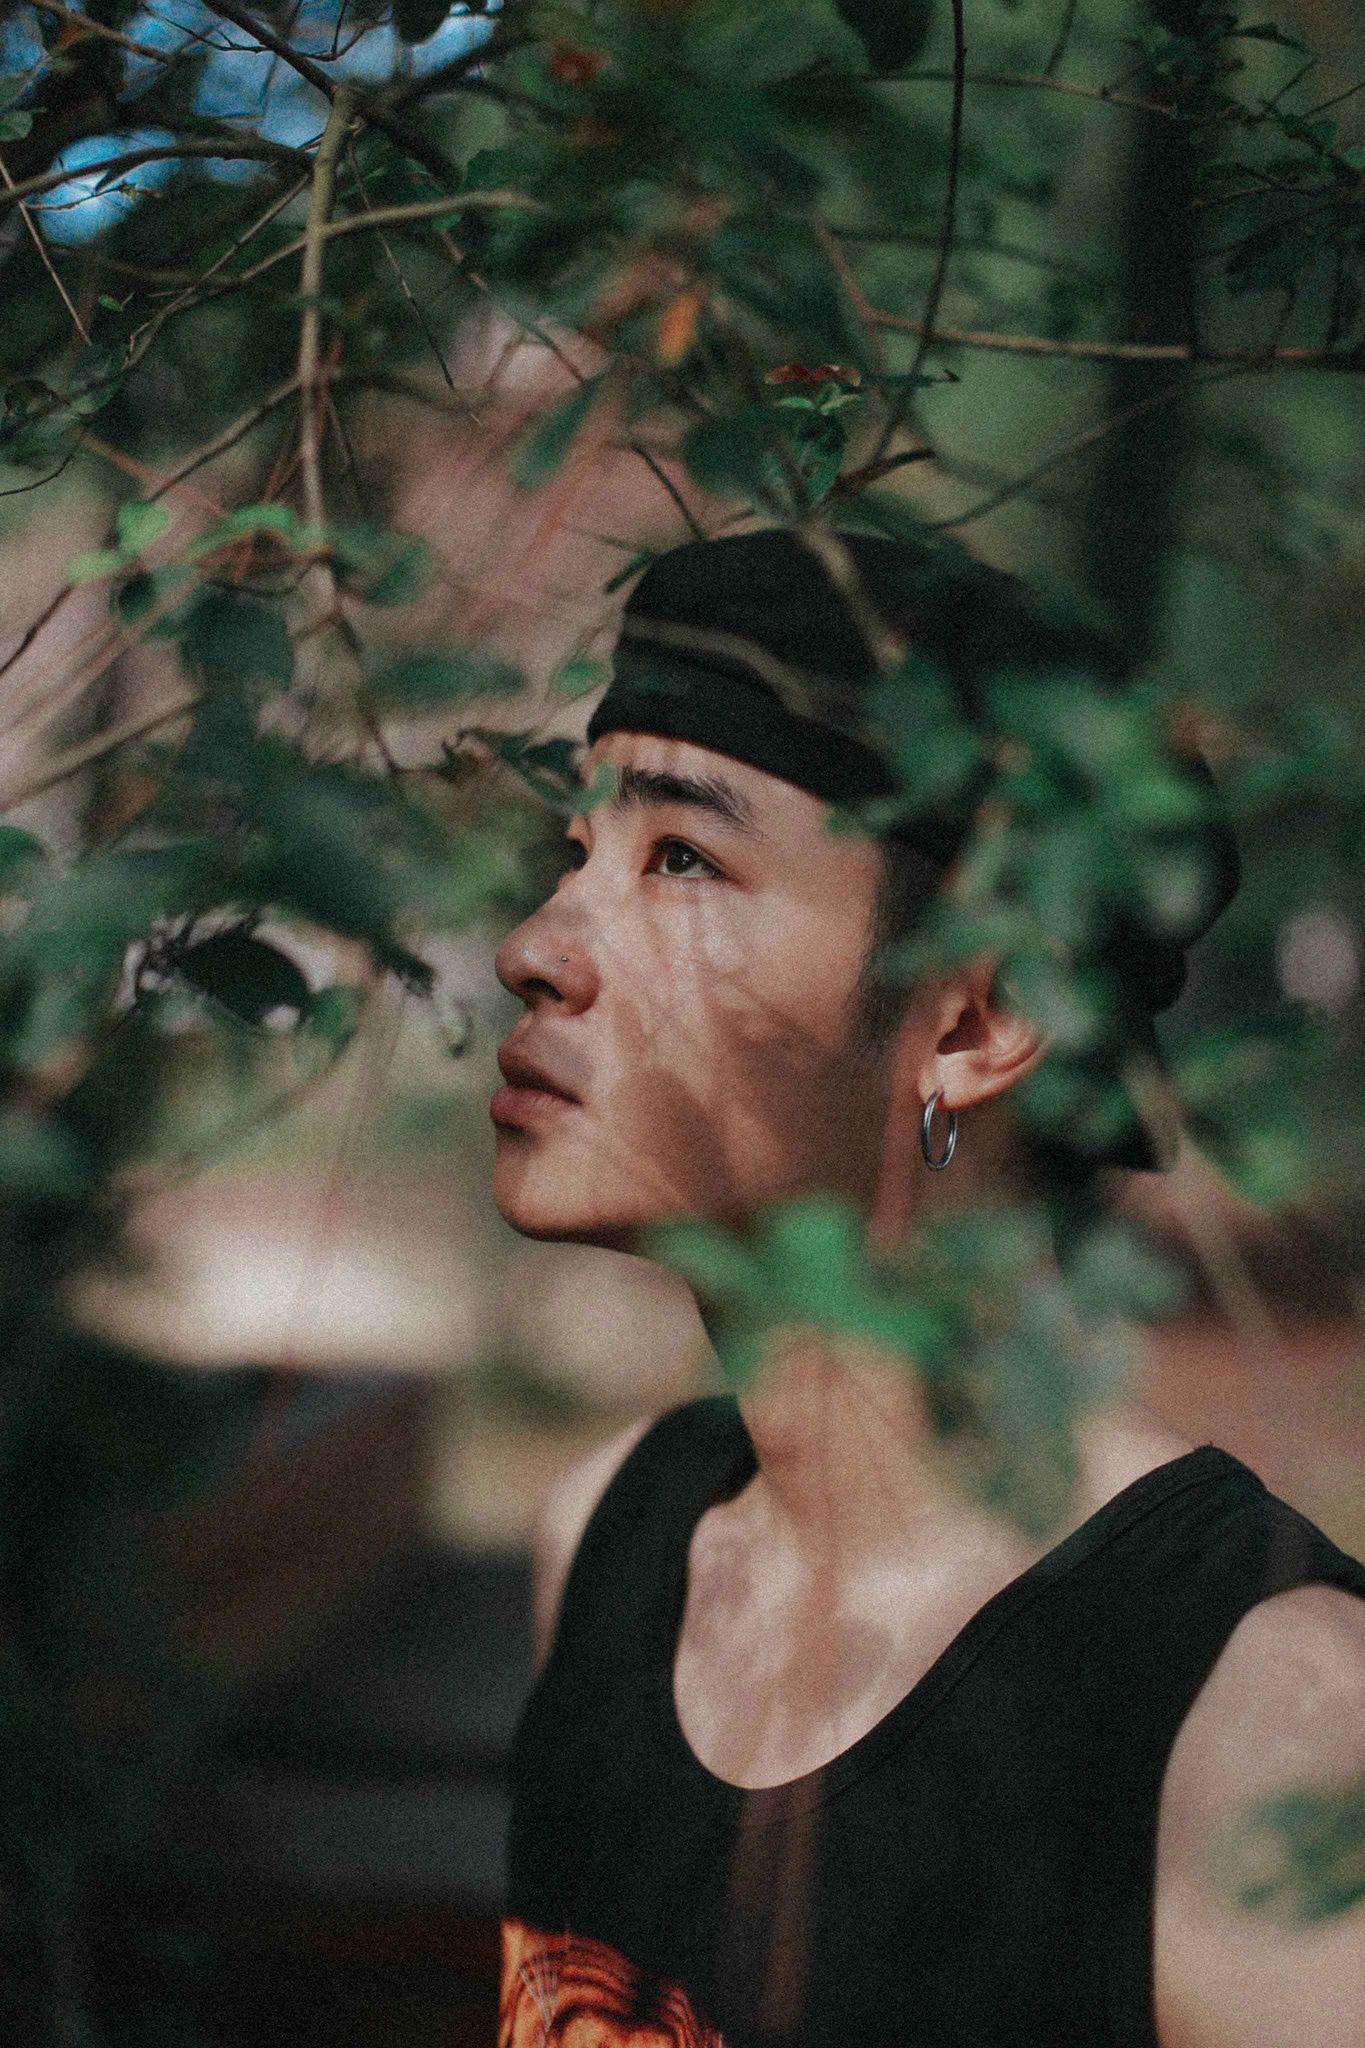 Con trai Võ Hoài Nam khóc khi xem cảnh phim xúc động của bố